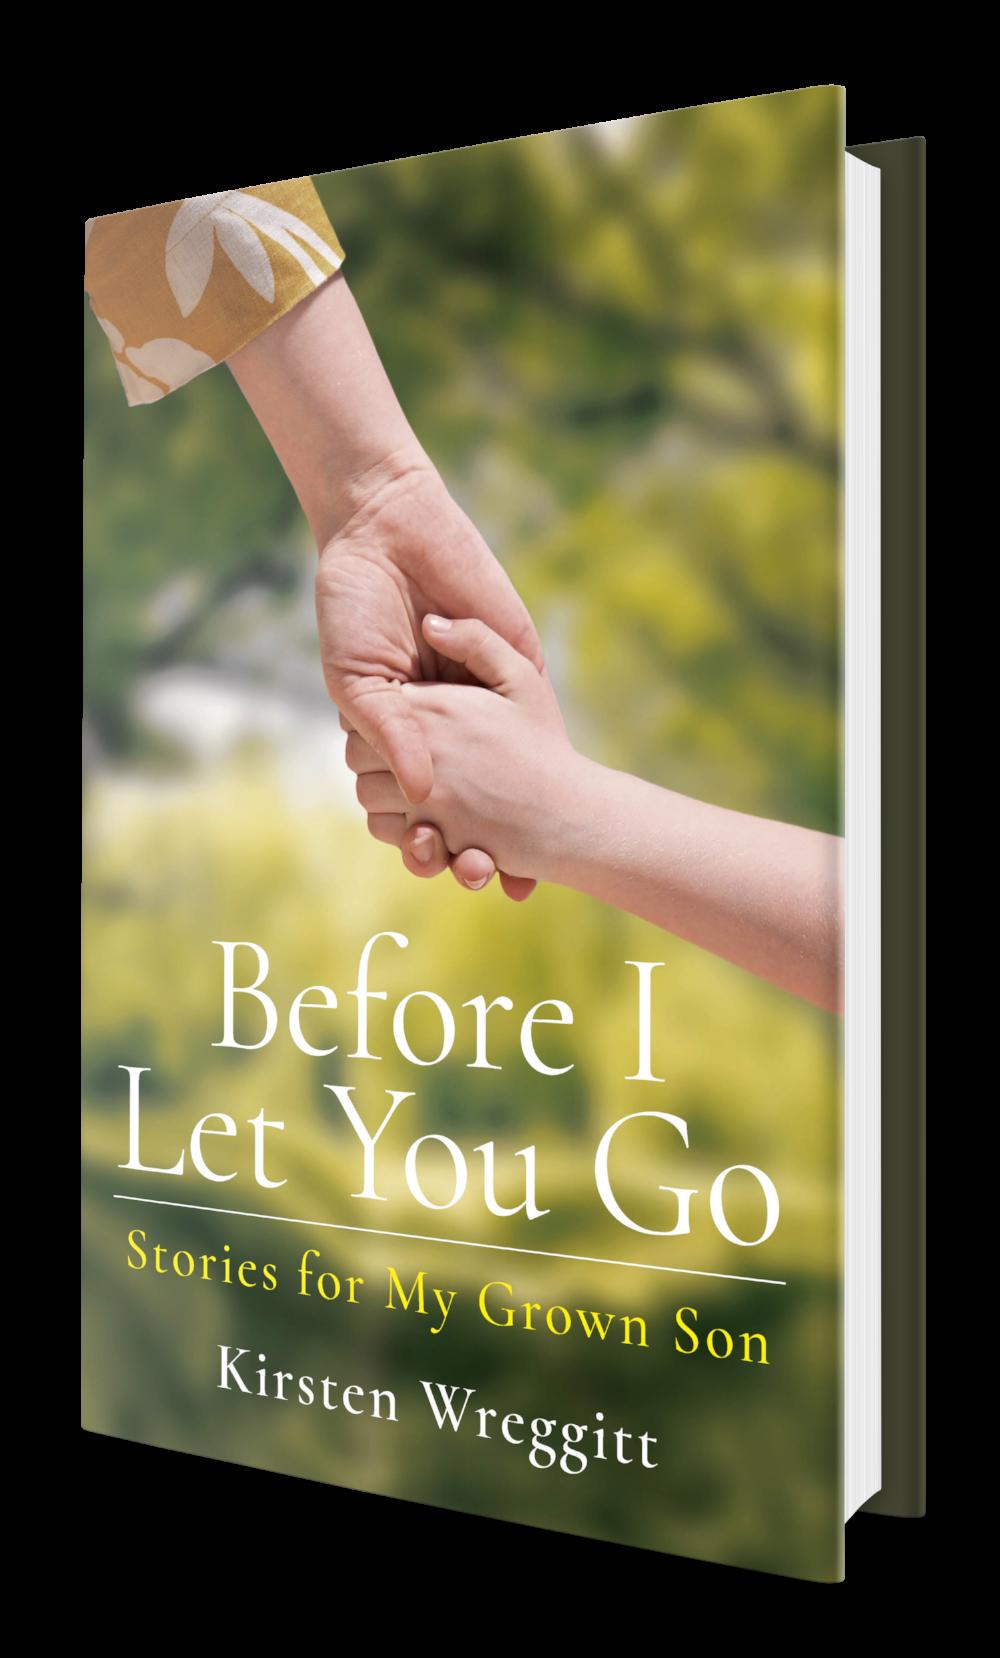 Before I Let You Go Kirsten Wreggitt book